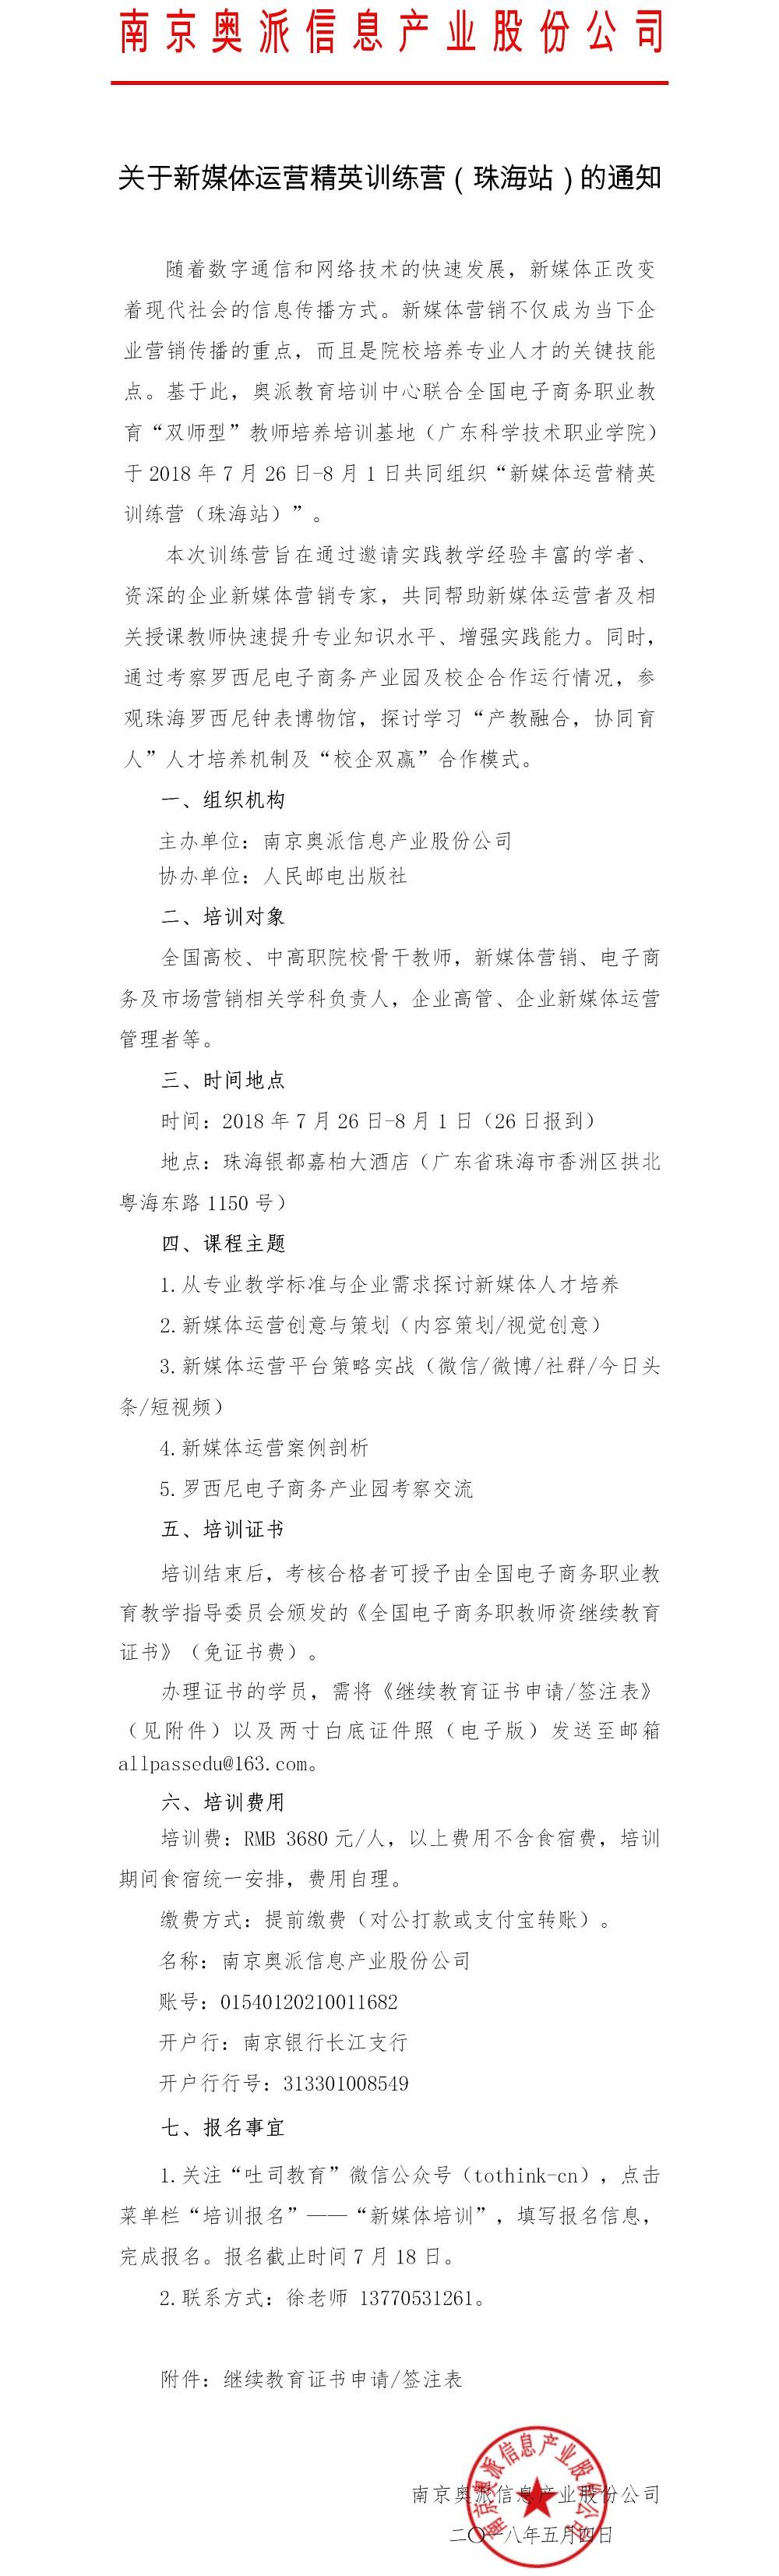 关于举办新媒体运营精英训练营(珠海站)的通知【0522】.jpg